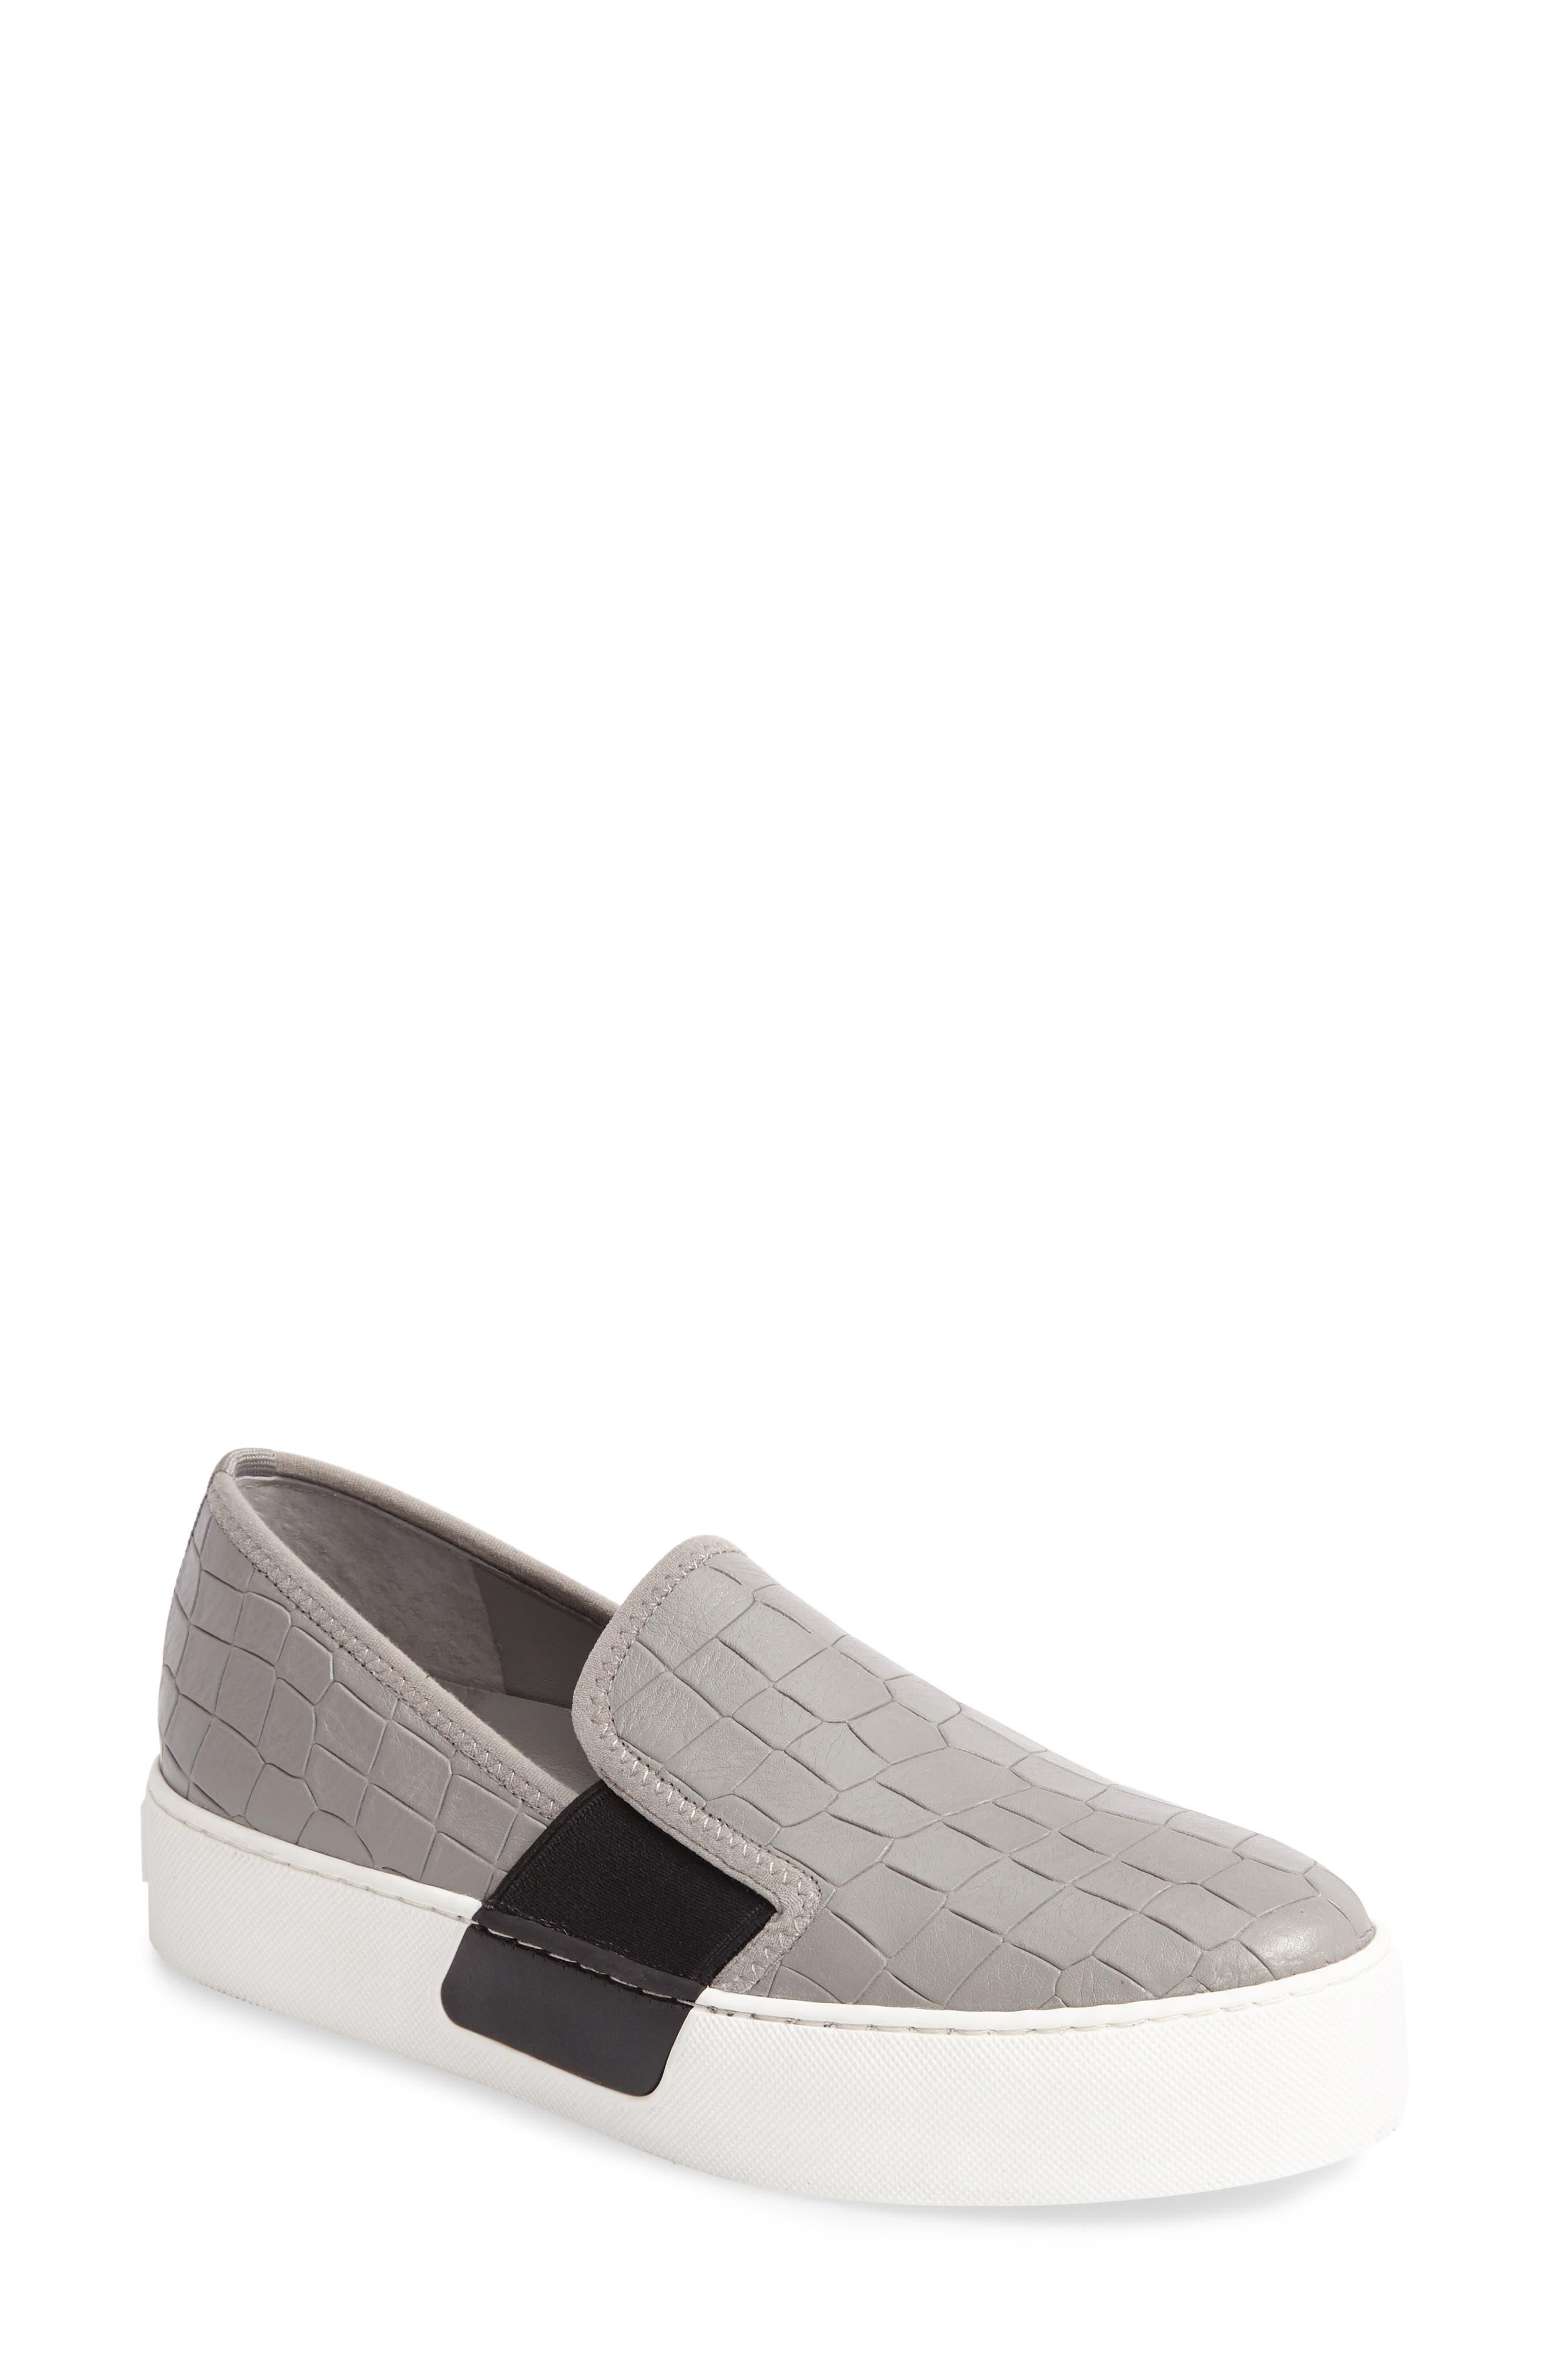 Alternate Image 1 Selected - 1.STATE Waylan Slip-On Sneaker (Women)